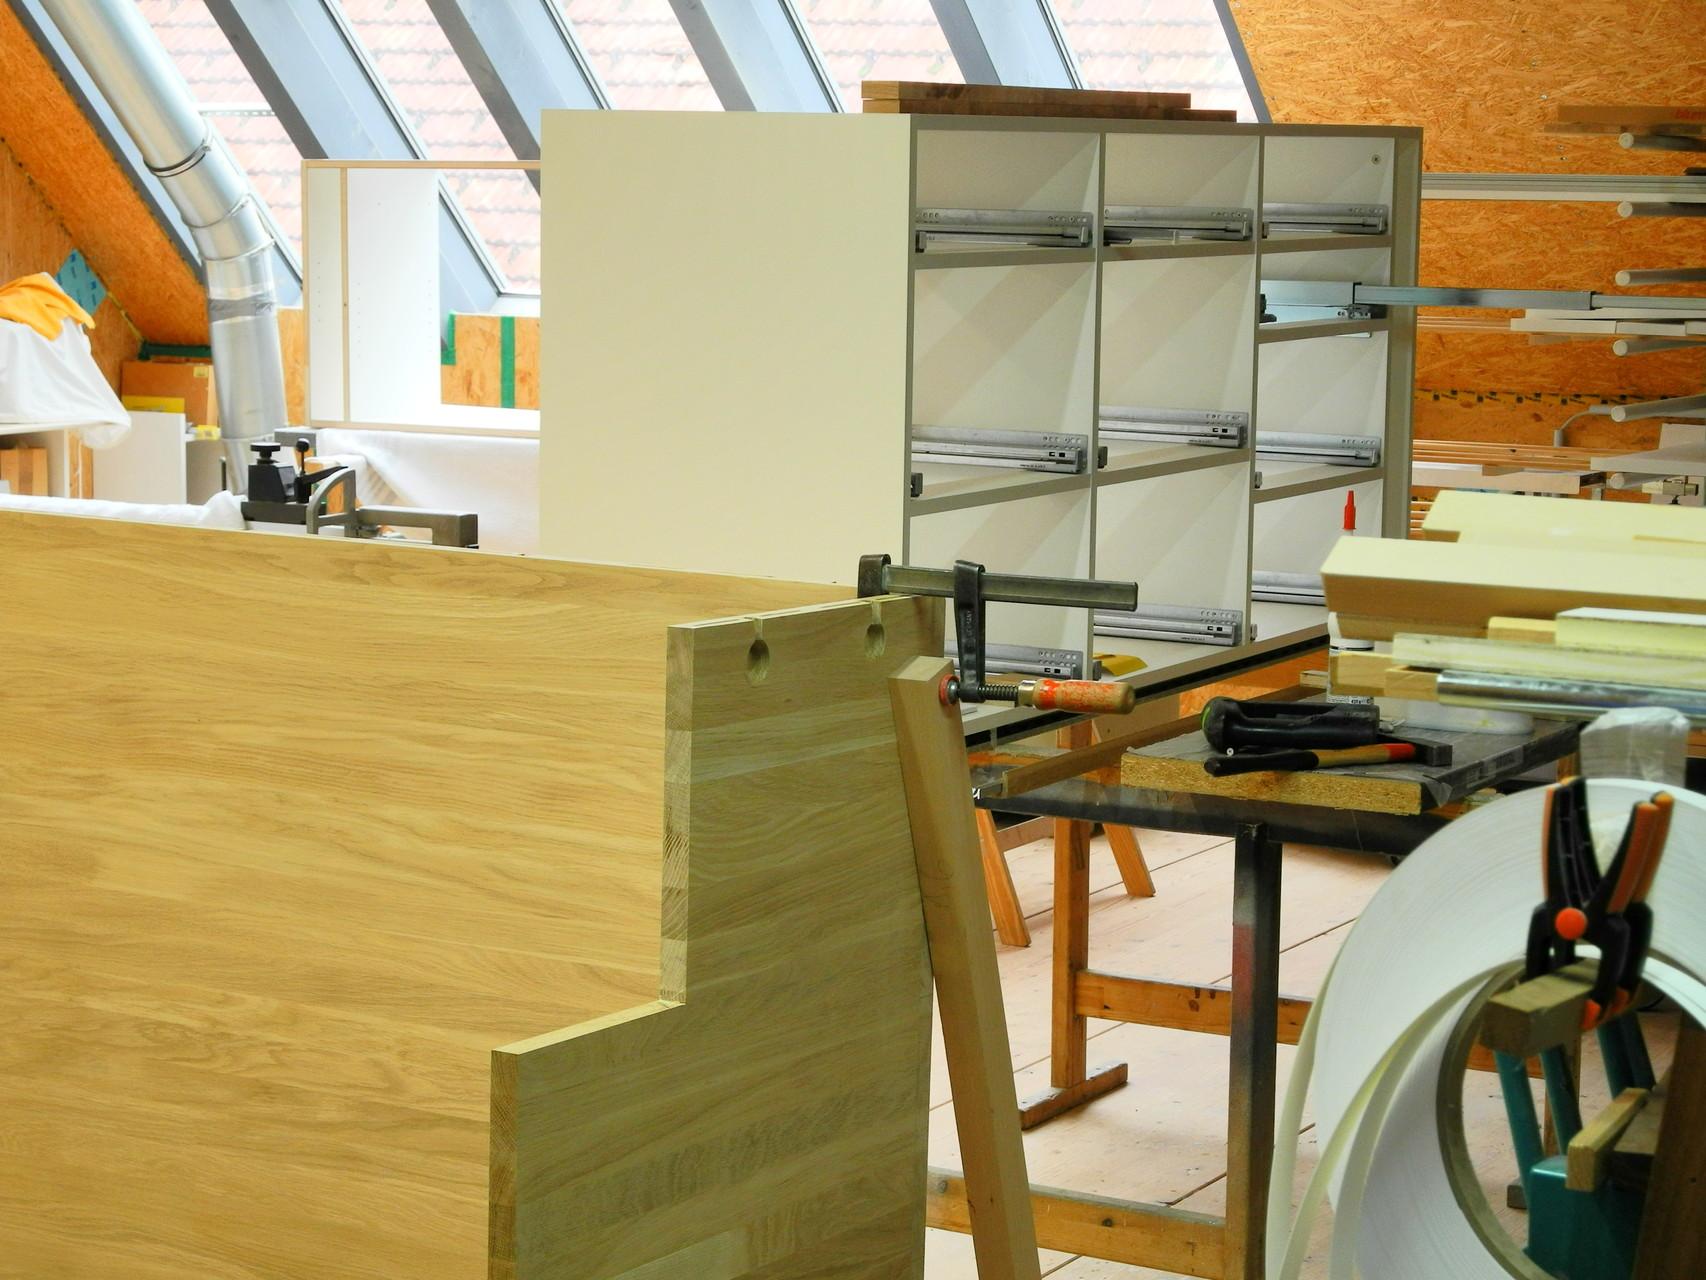 Zusammenbau von Rückwand und Unterschrank einer Küchenzeile